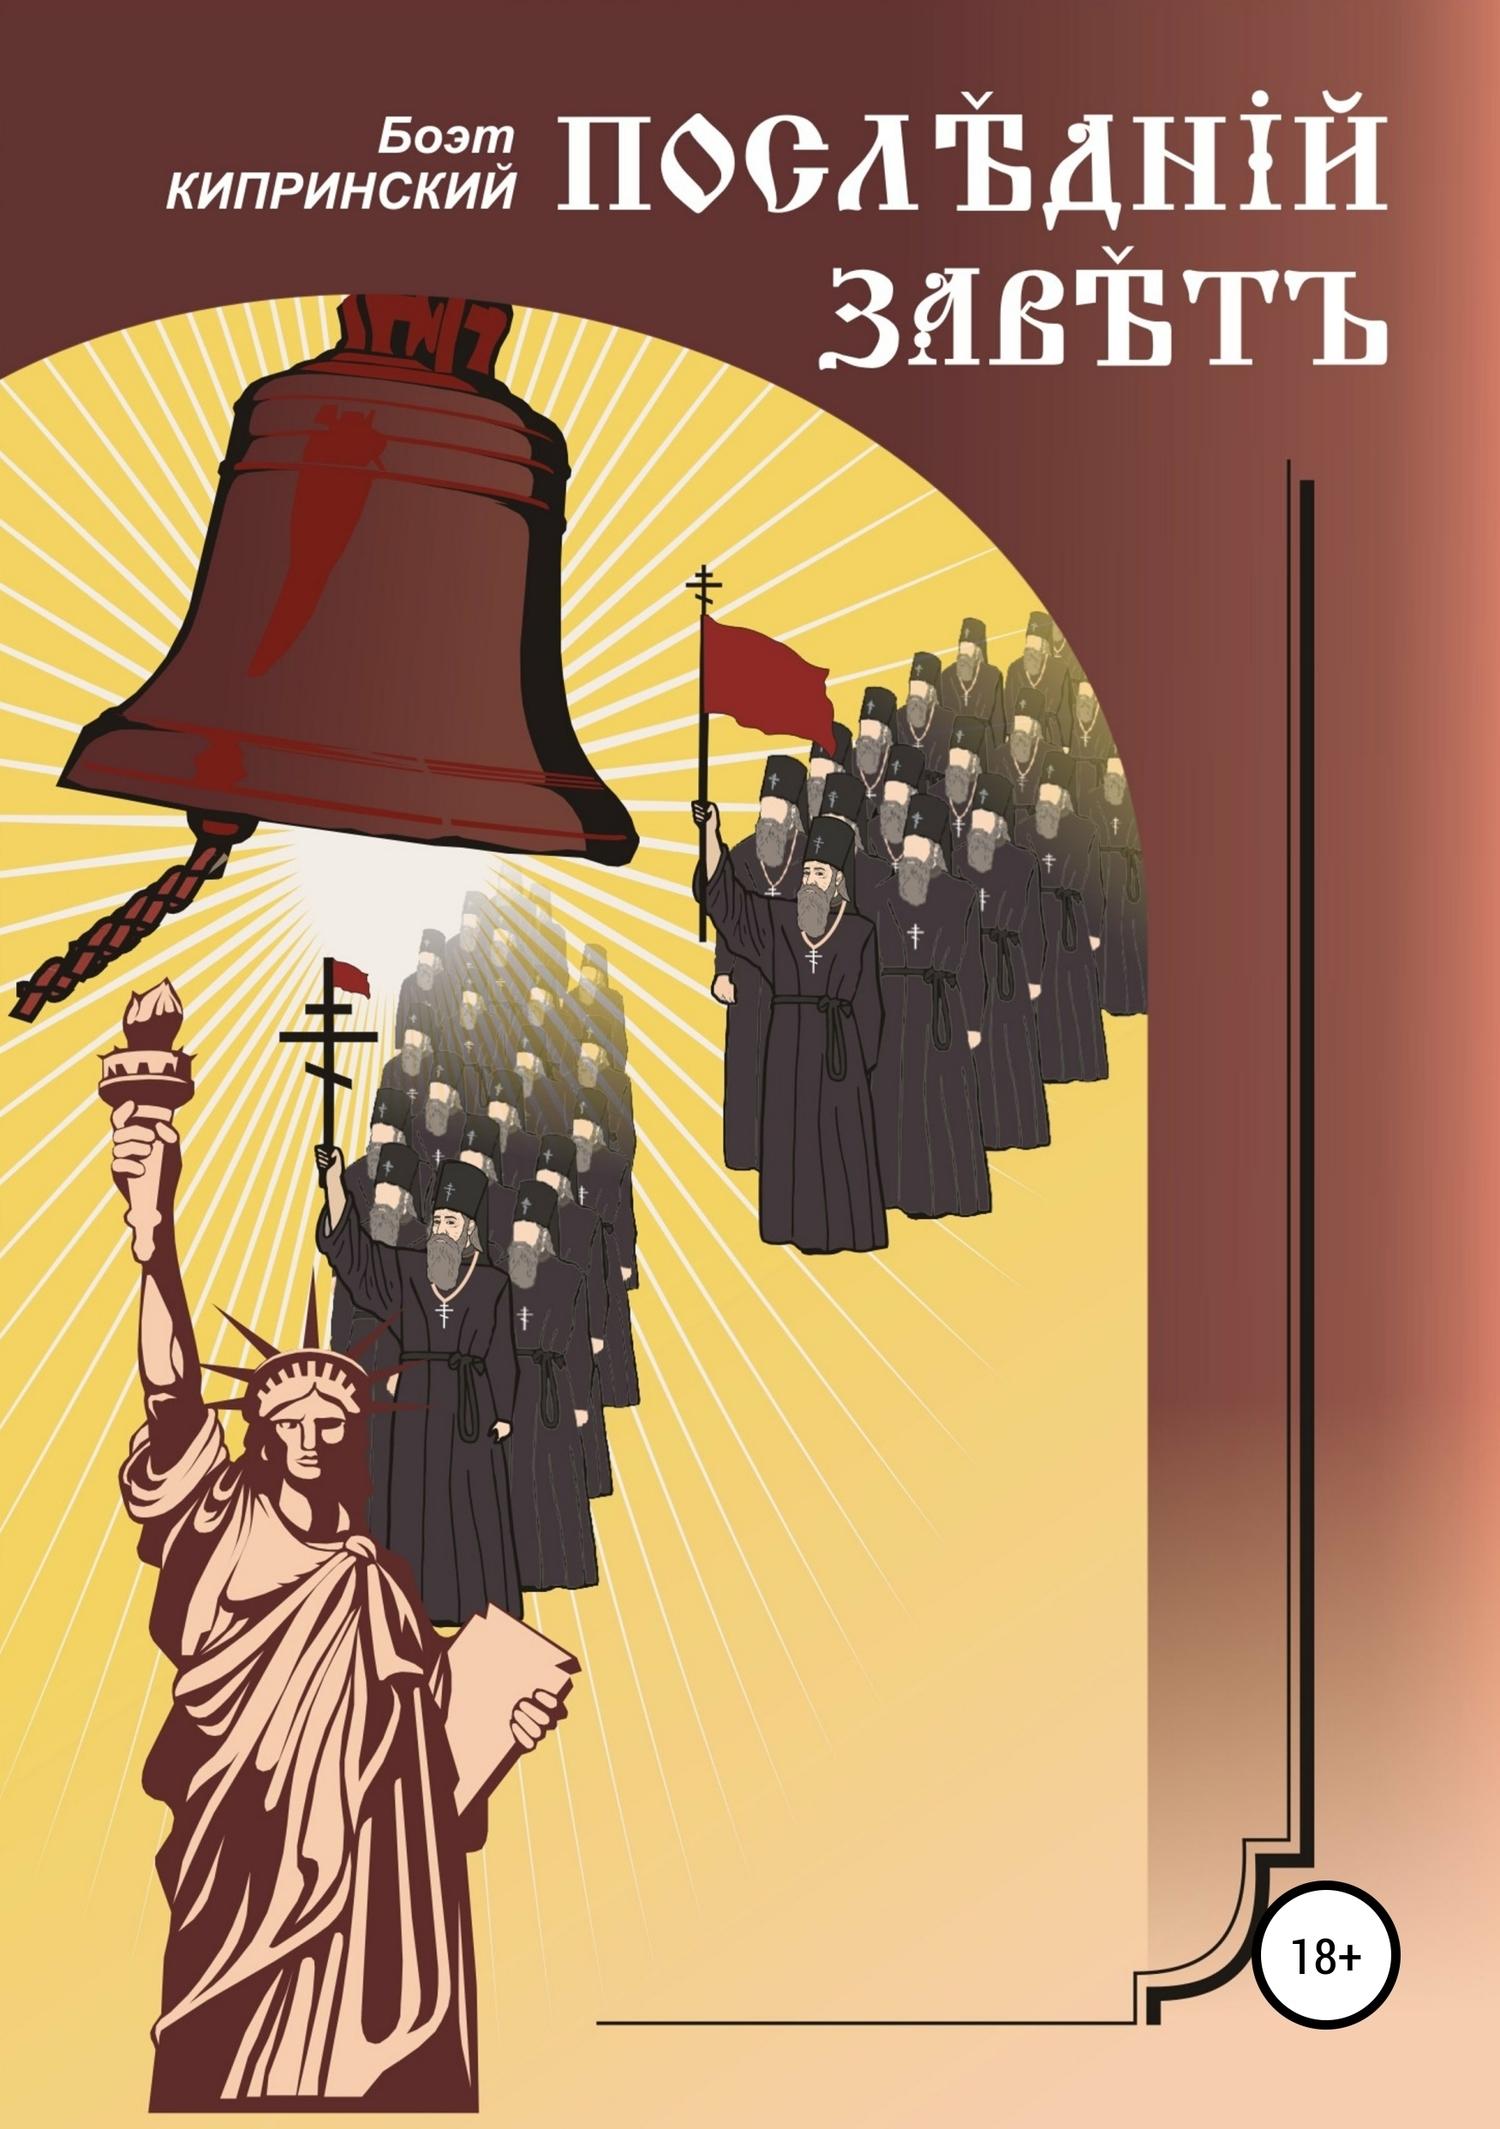 Боэт Кипринский - Последний завет